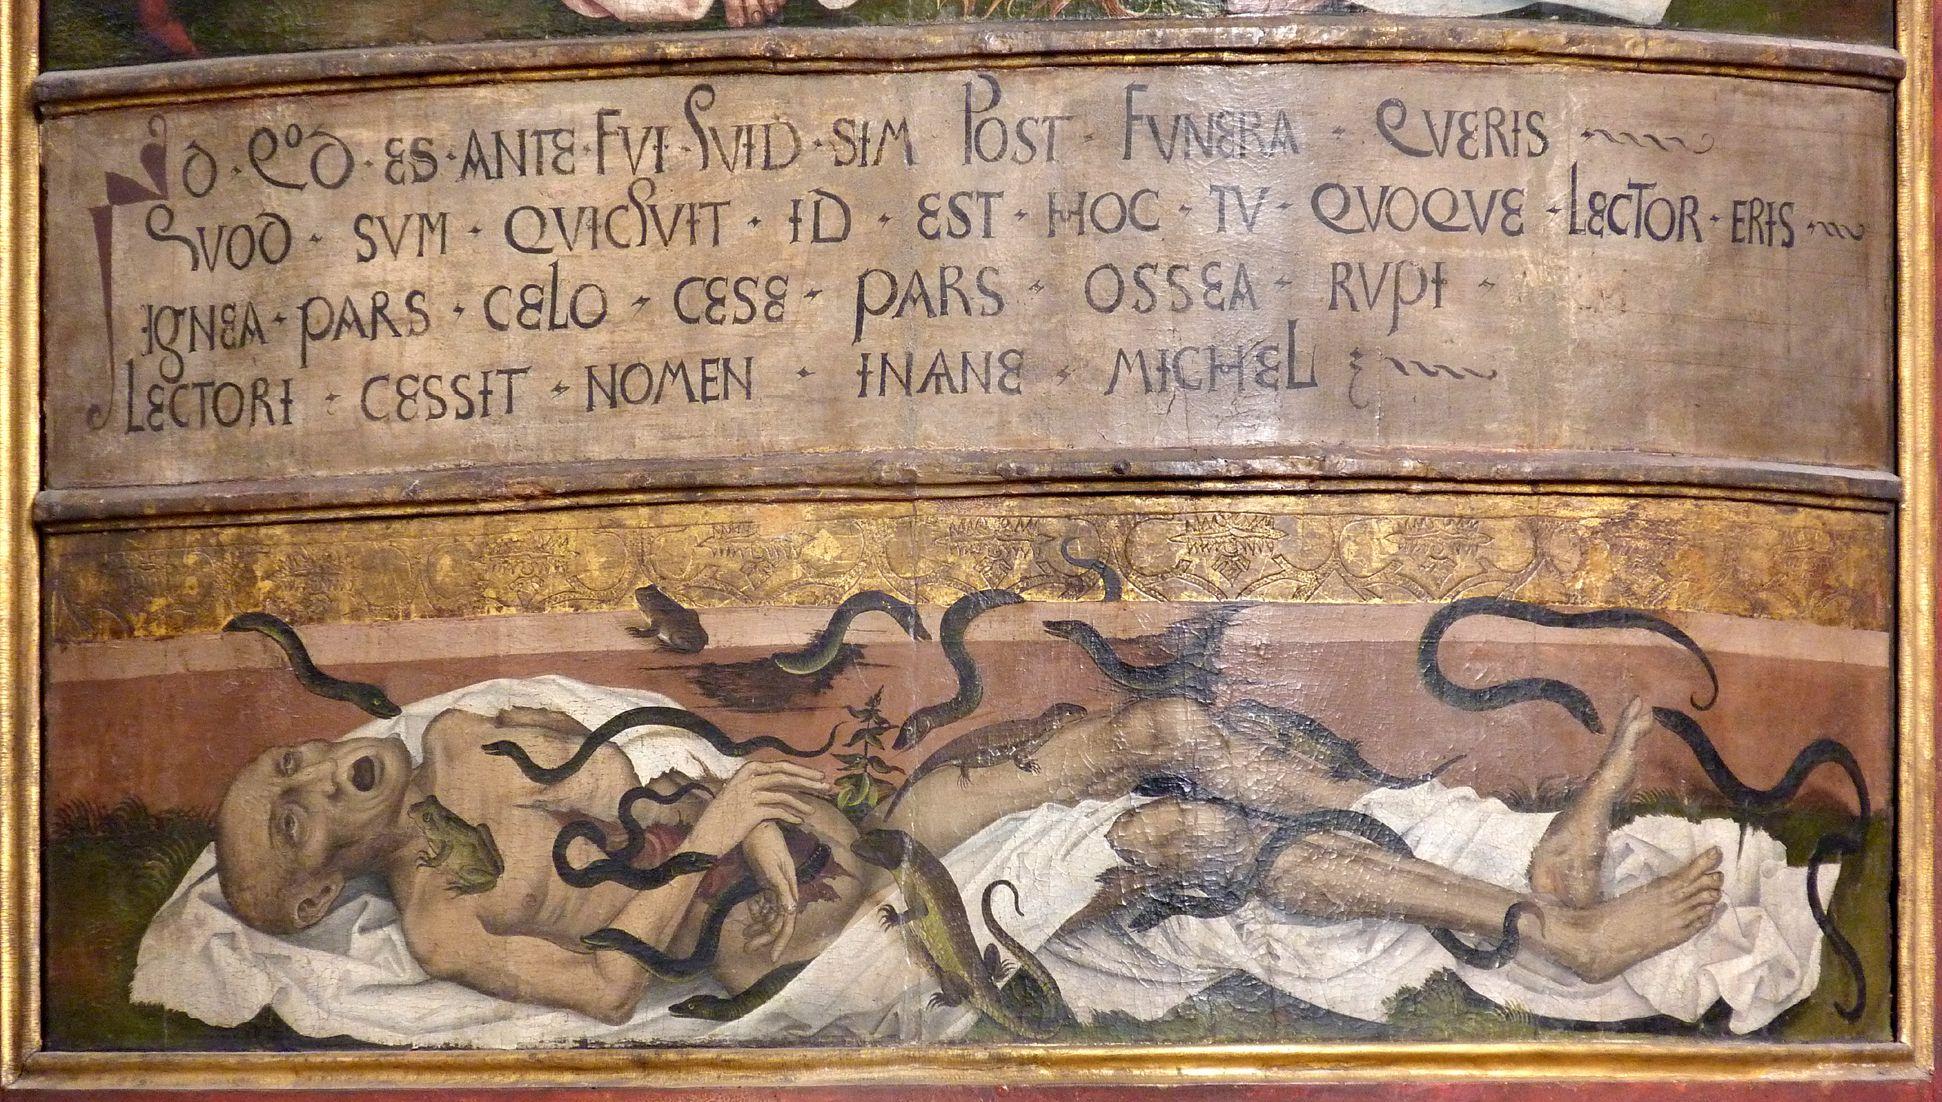 Epitaph für den königlichen Küchenmeister Michael Raffael Inschrift und von Reptilien zerfressener Leichnahm